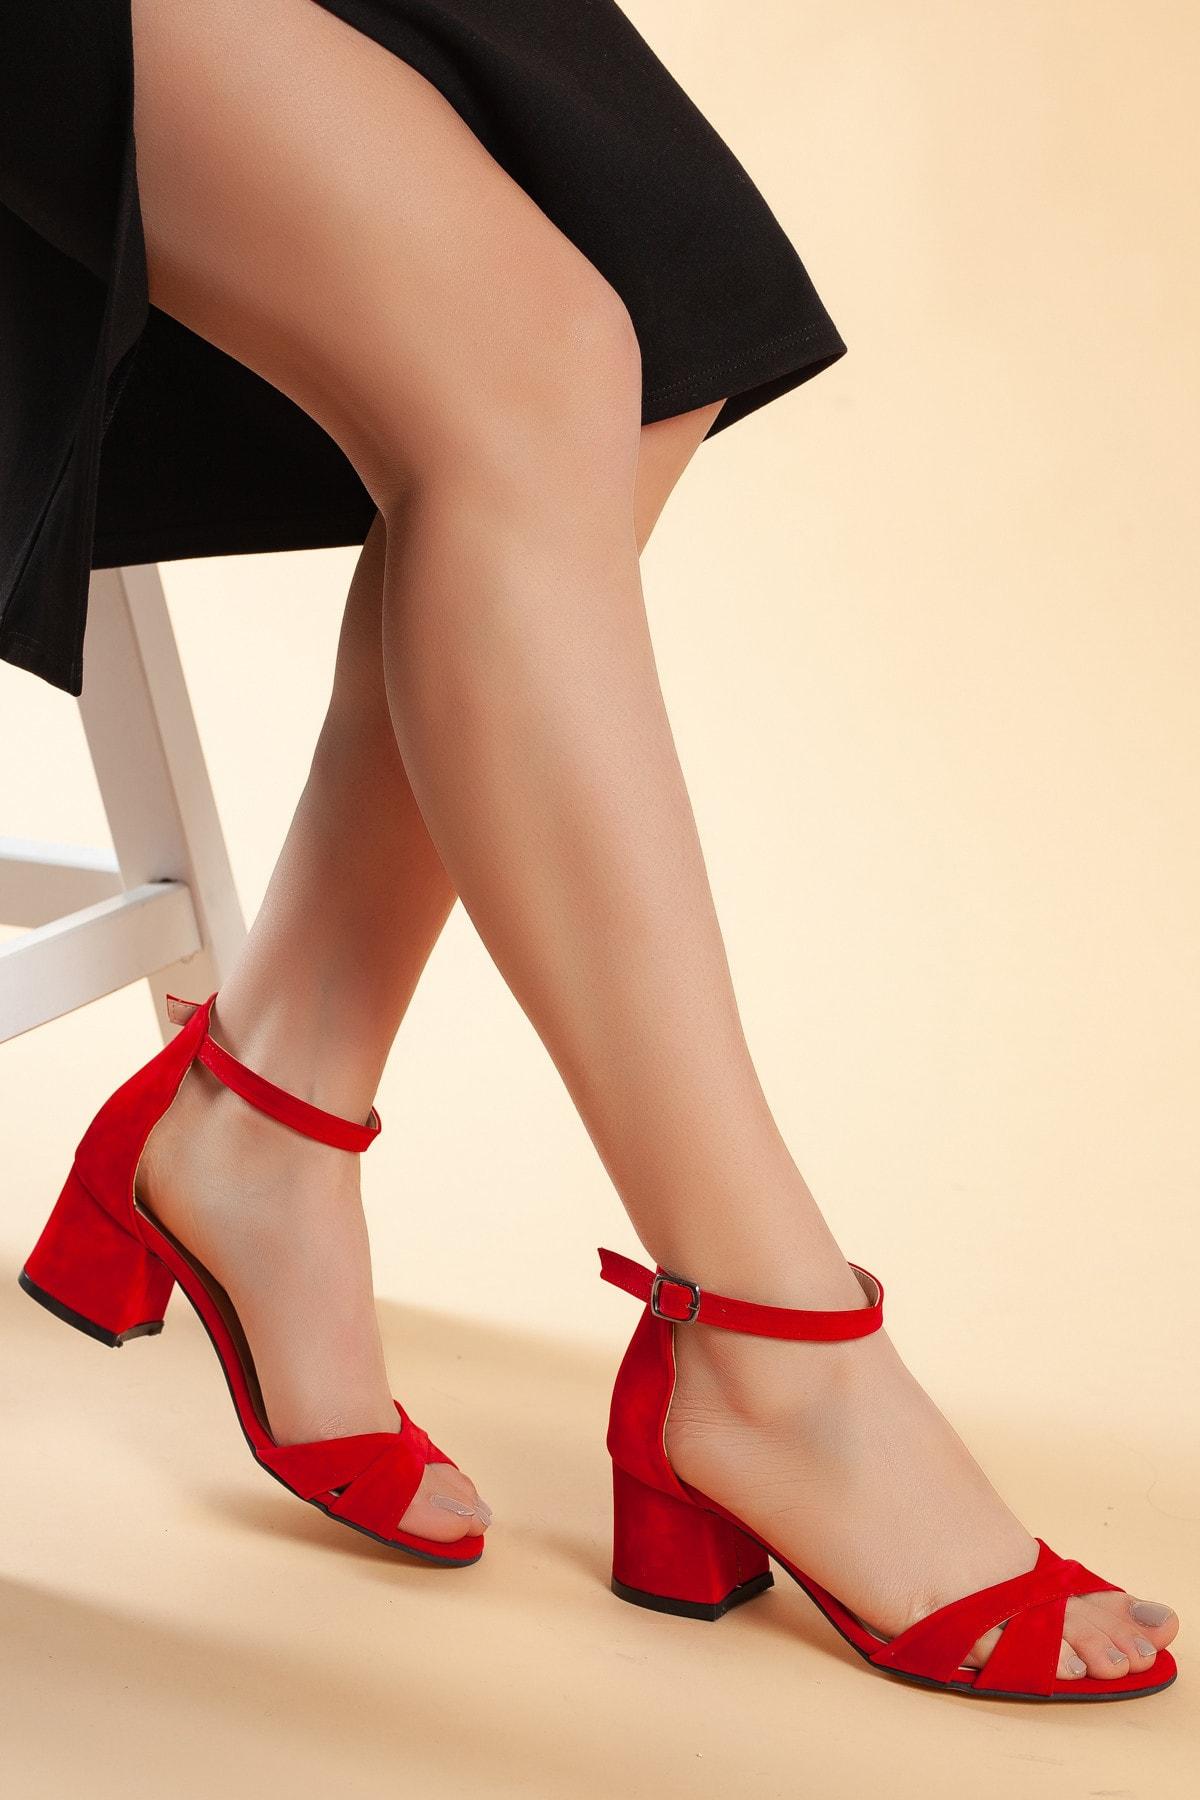 Daxtors Kırmızı-Süet Kadın Ayakkabı DXTRFLRN204